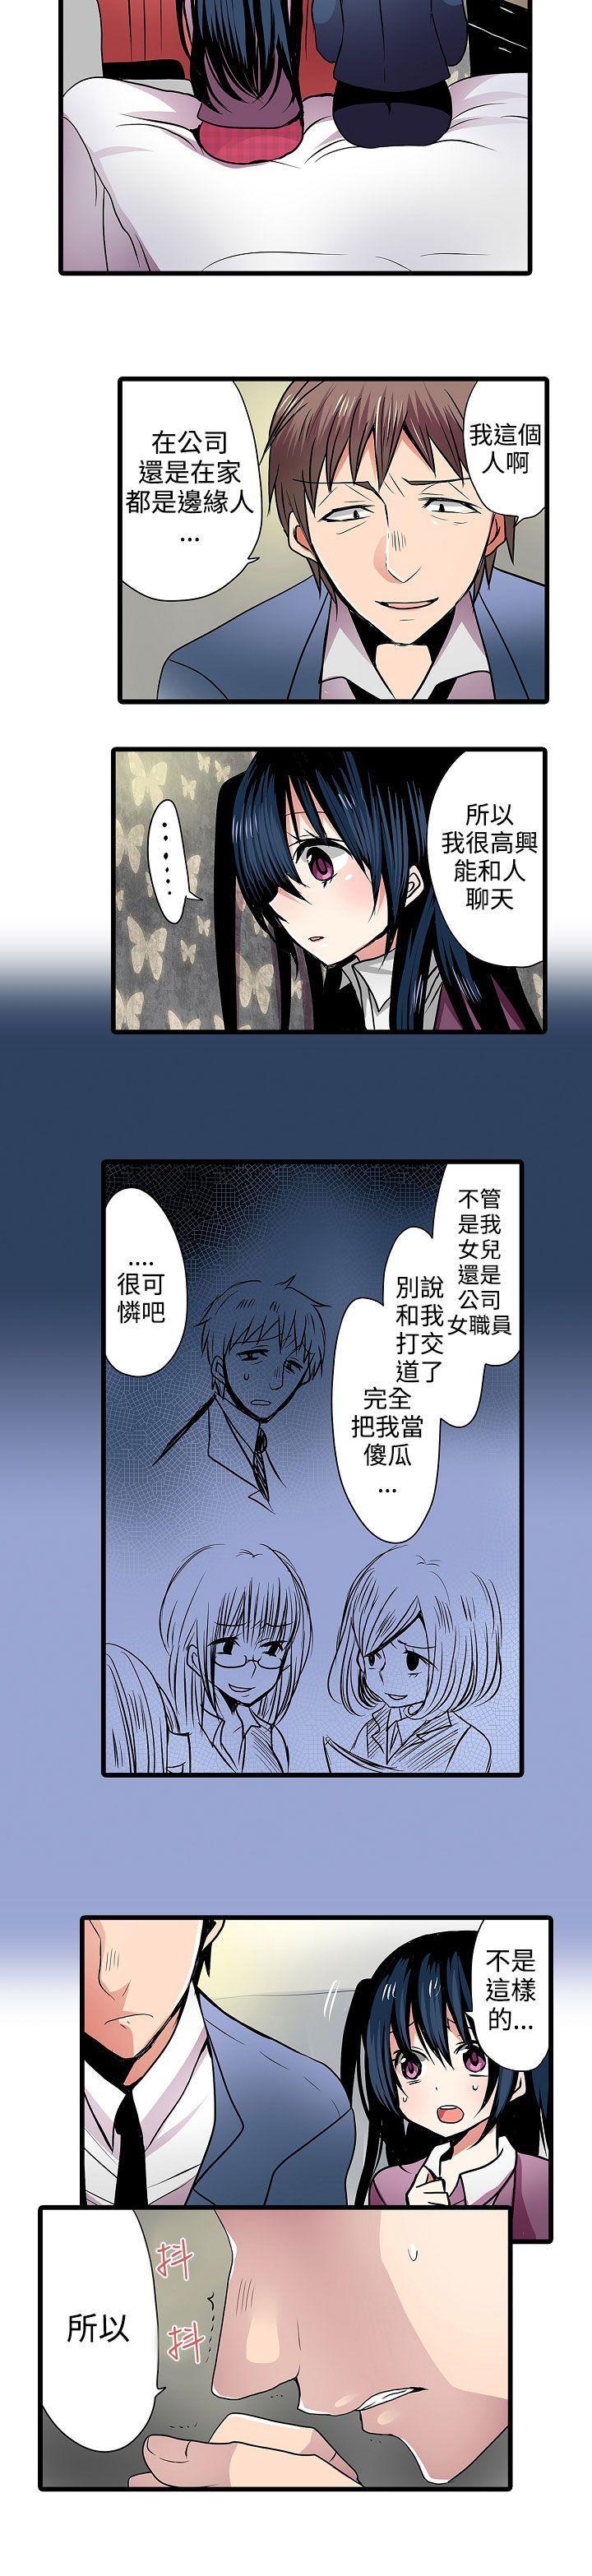 凌辱贩卖机-第7话全彩韩漫标签